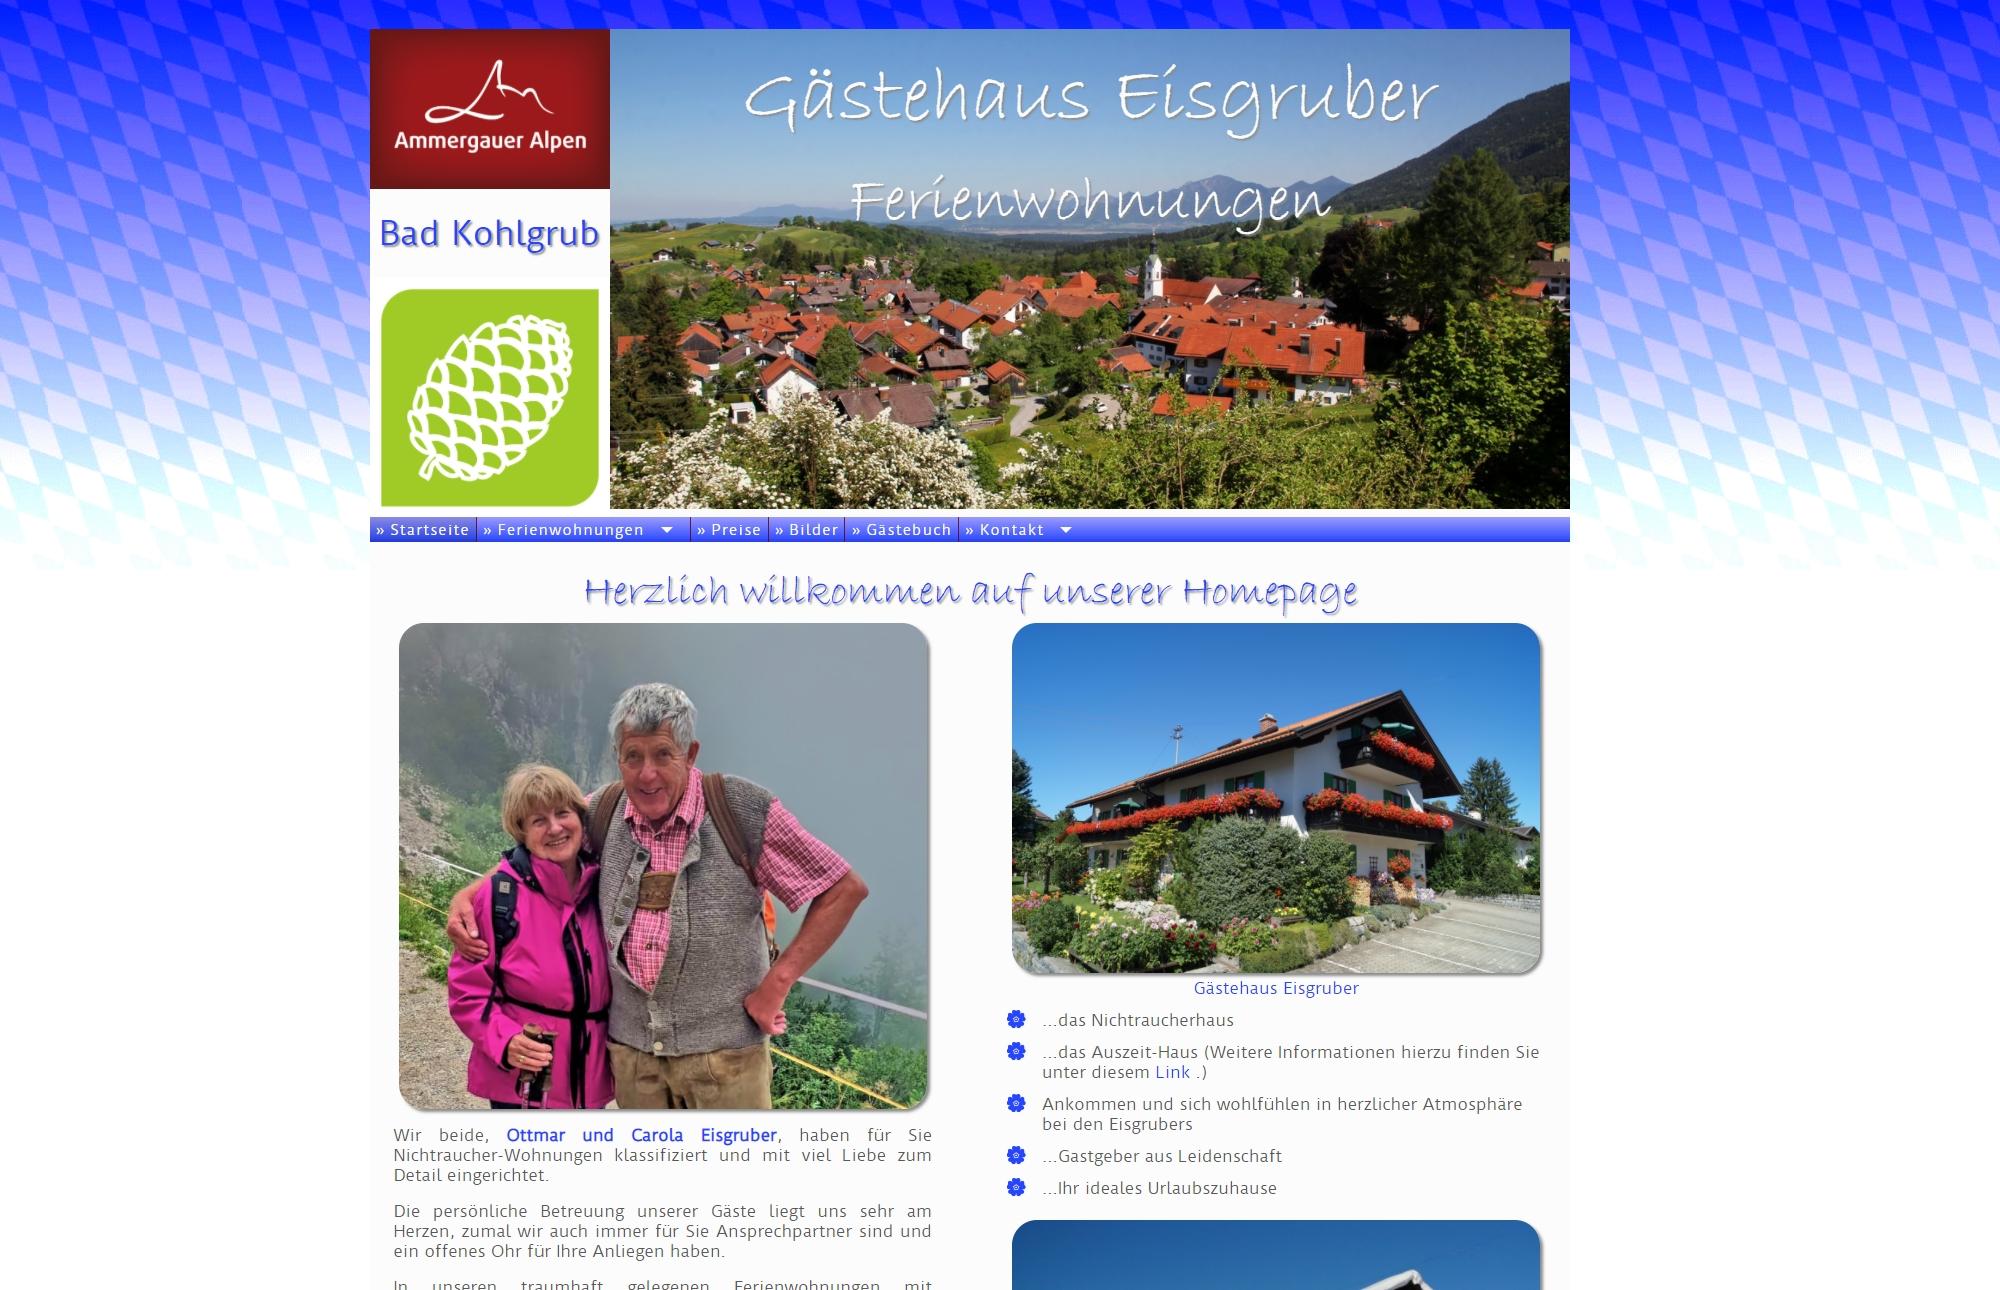 Gästehaus Eisgruber, Bad Kohlgrub